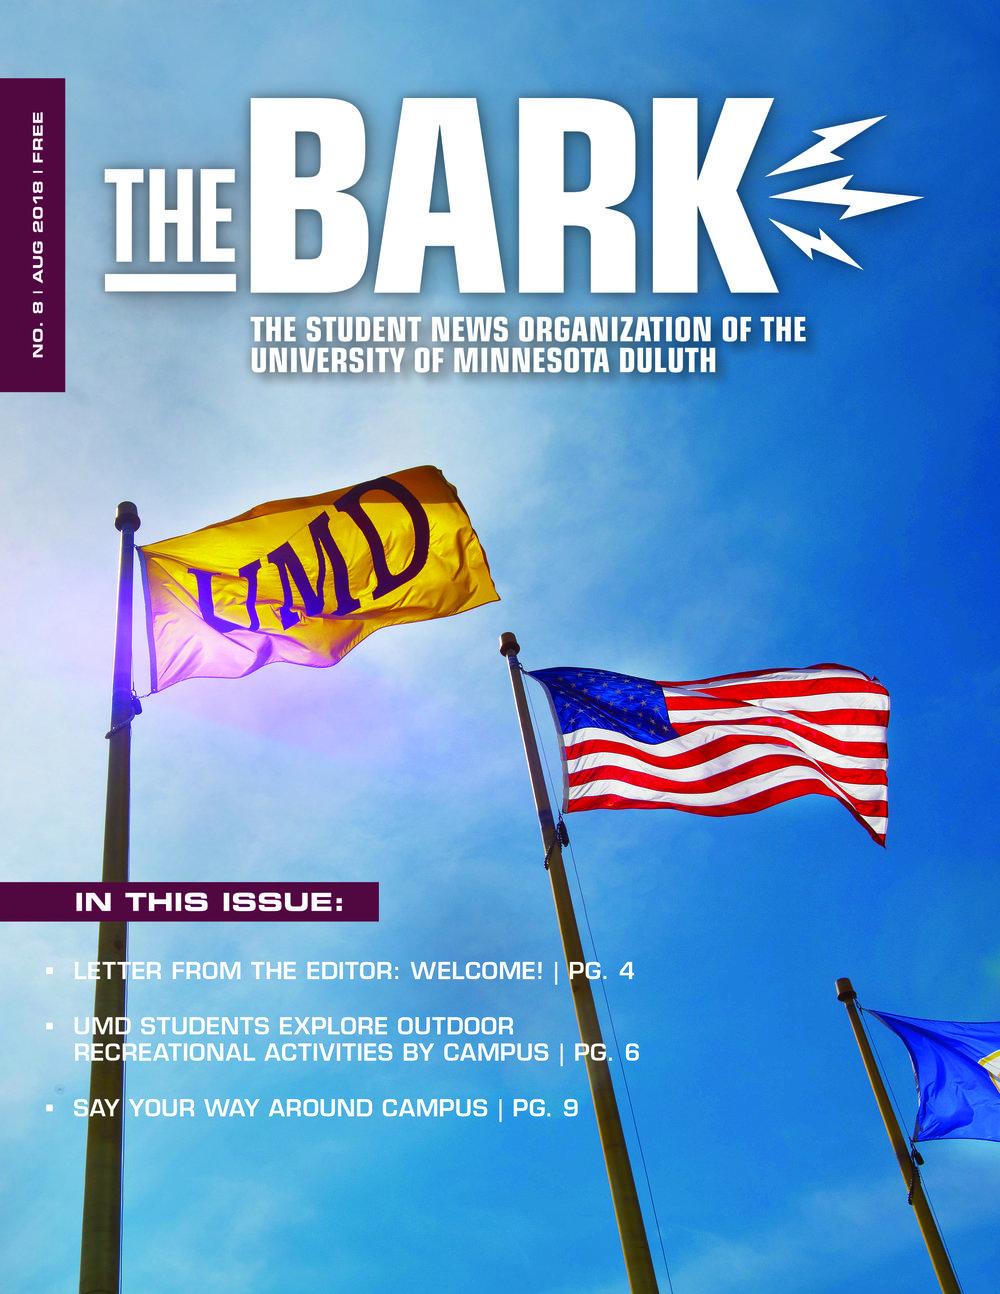 TheBark_August2018_v9_COVERONLY.jpg